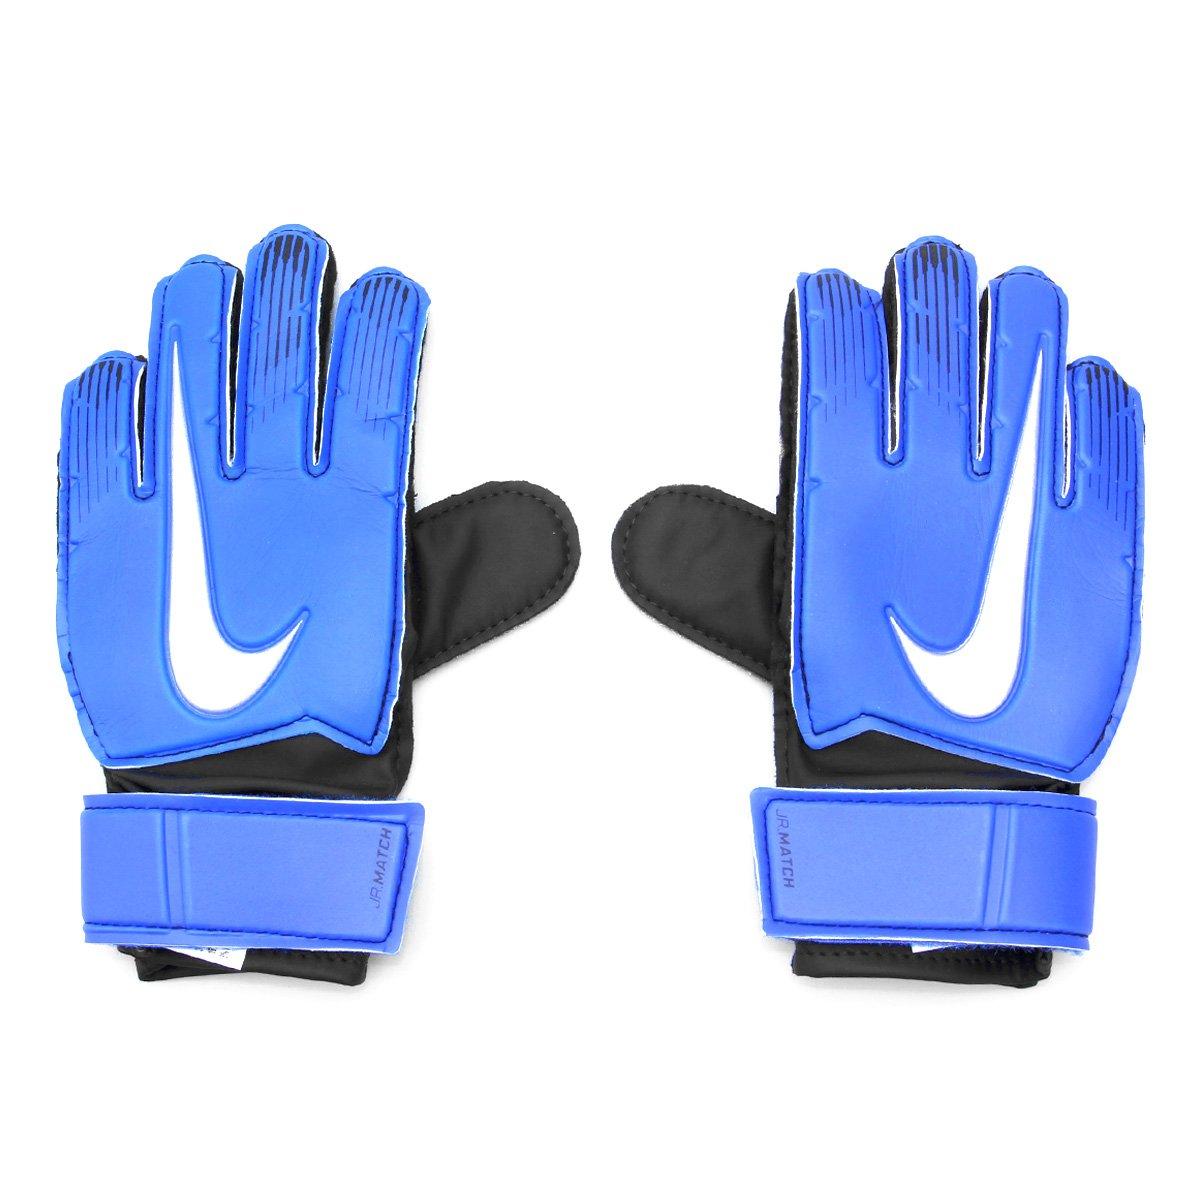 4d126766b Luva de Goleiro Infantil Nike Match - Azul e Preto